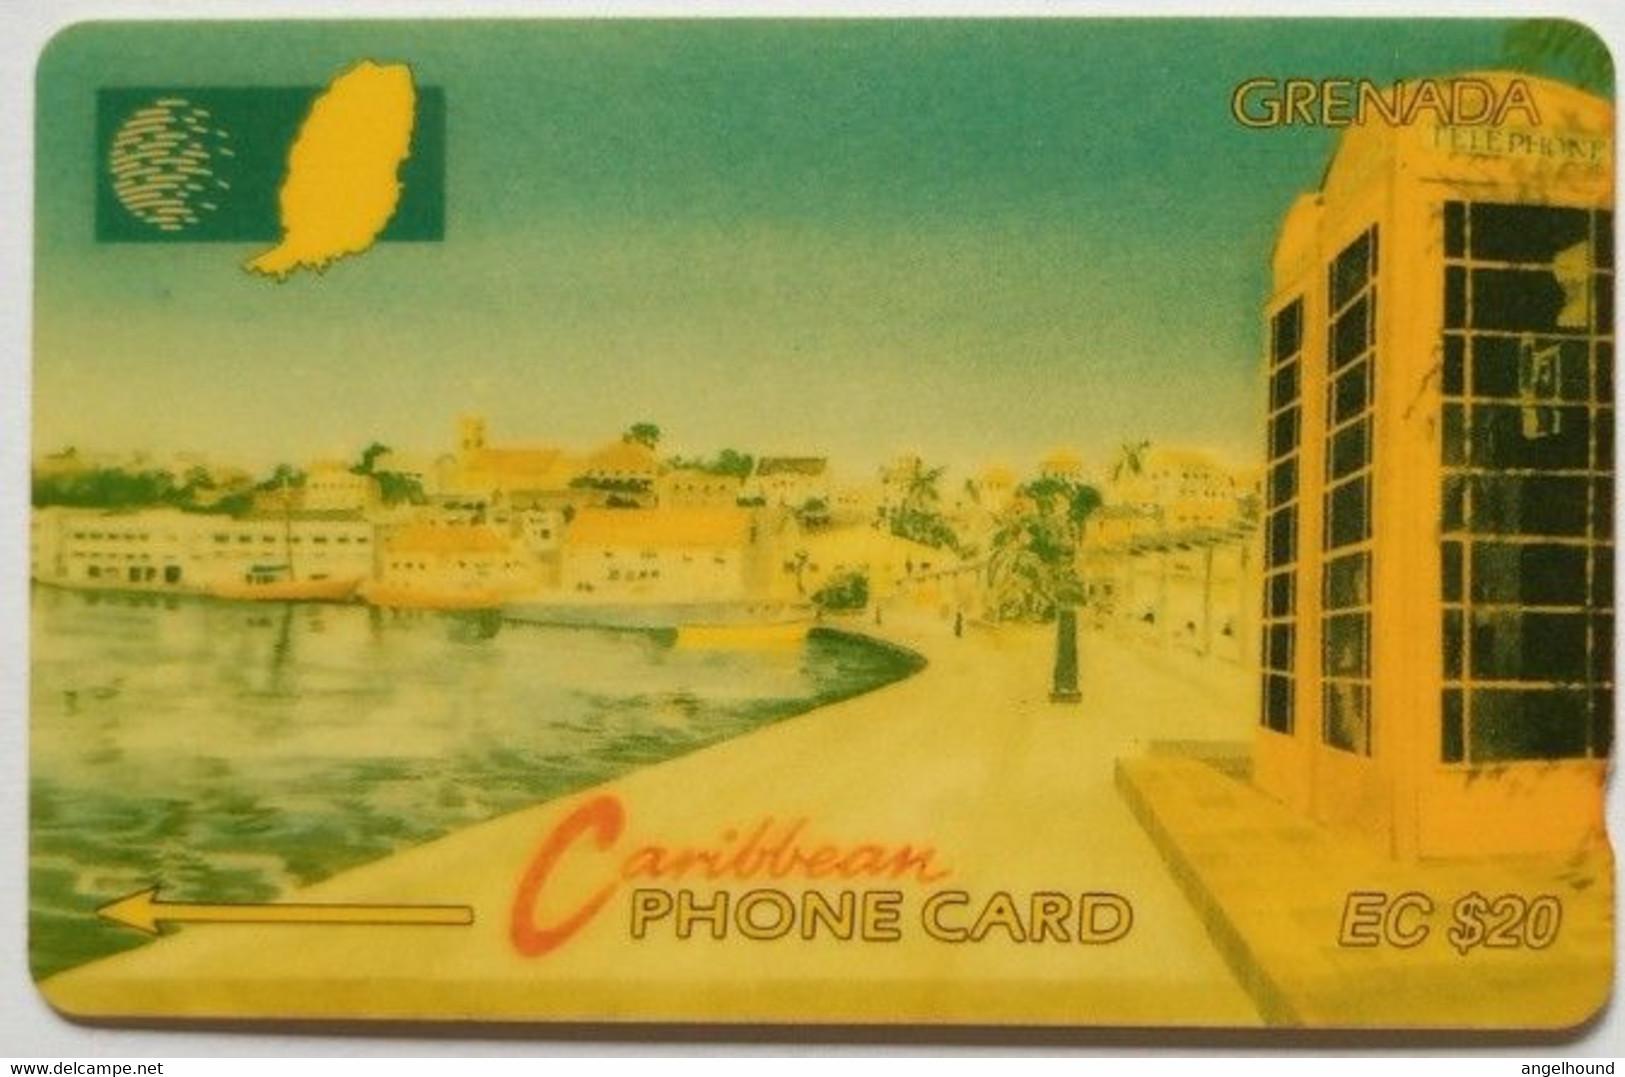 8CGRB EC$20 - Grenada